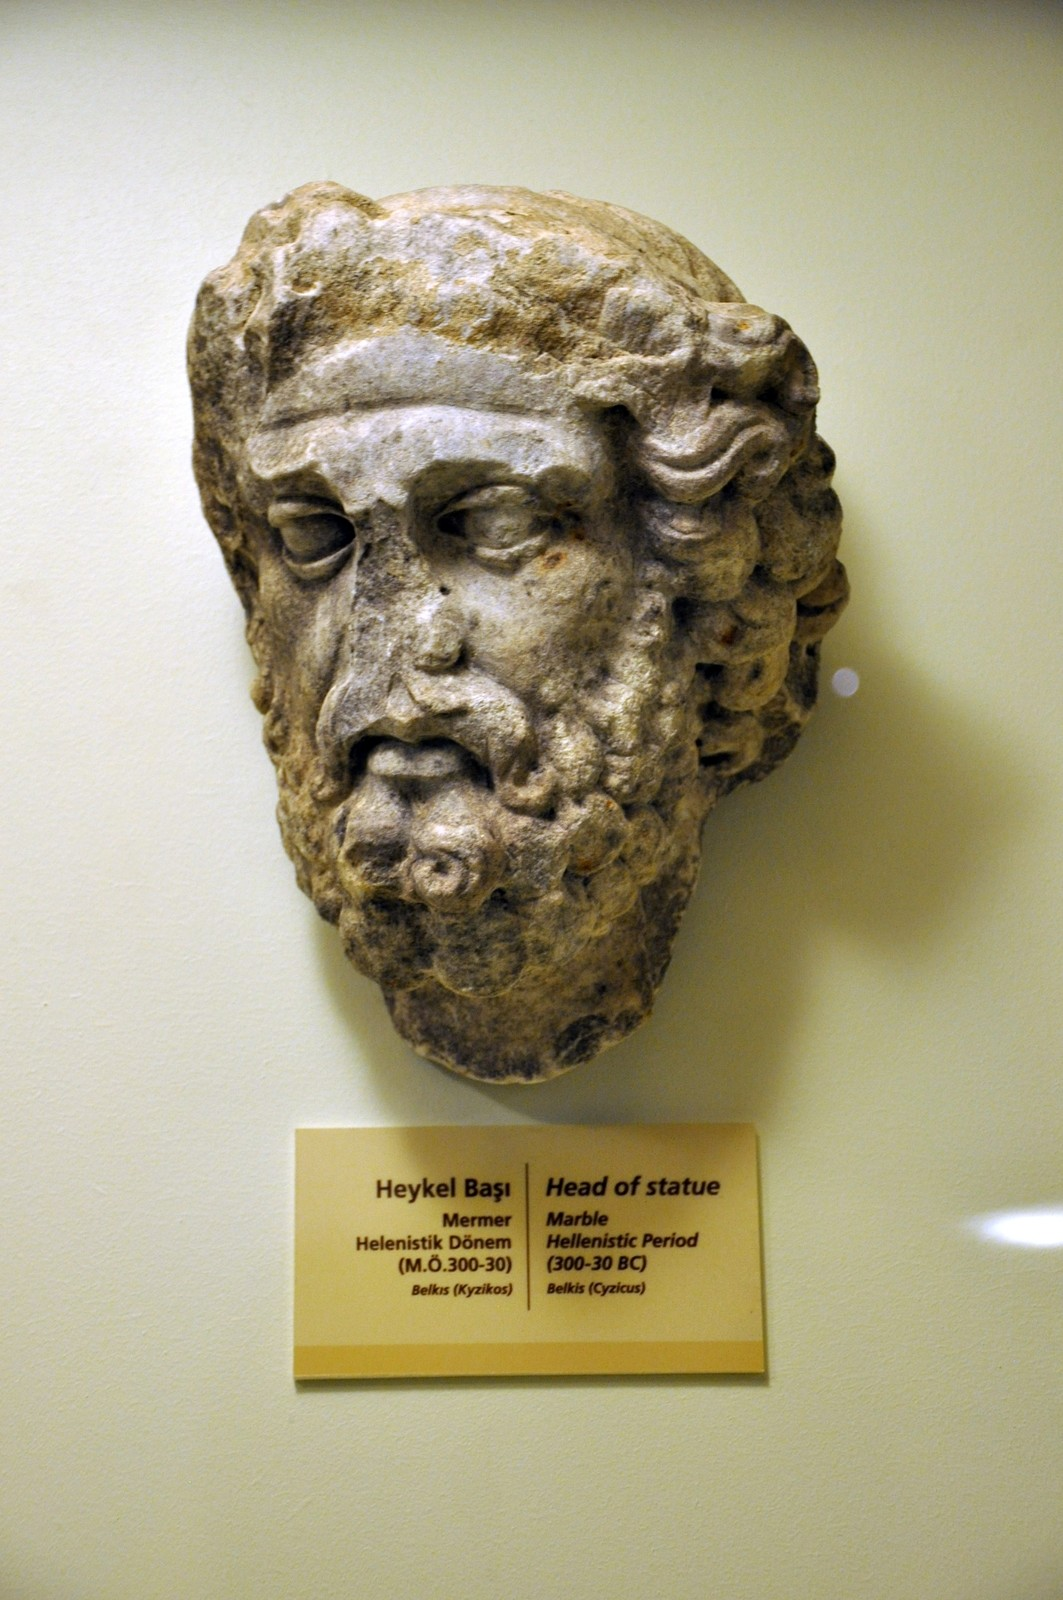 Kyzikos(Cyzicus) heykelinin başı, M.Ö. 300 - 30, Bandırma Müzesi